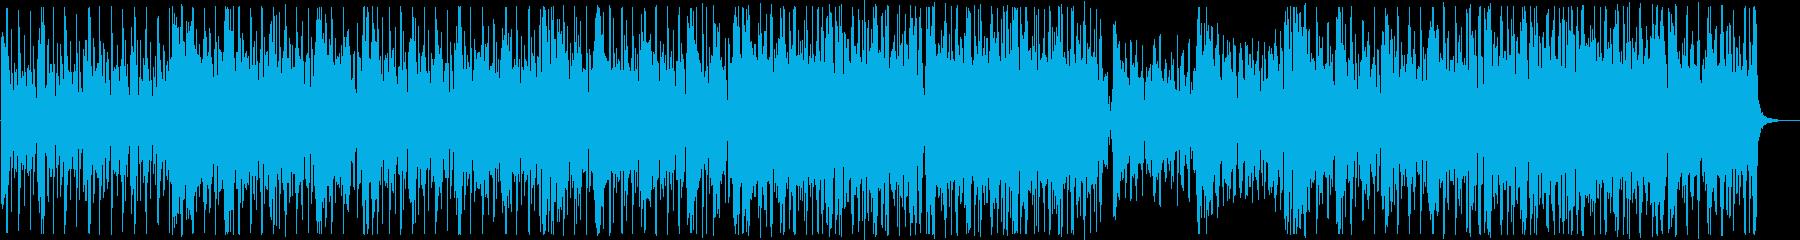 アダルトなファンク女声コーラス:声抜きの再生済みの波形